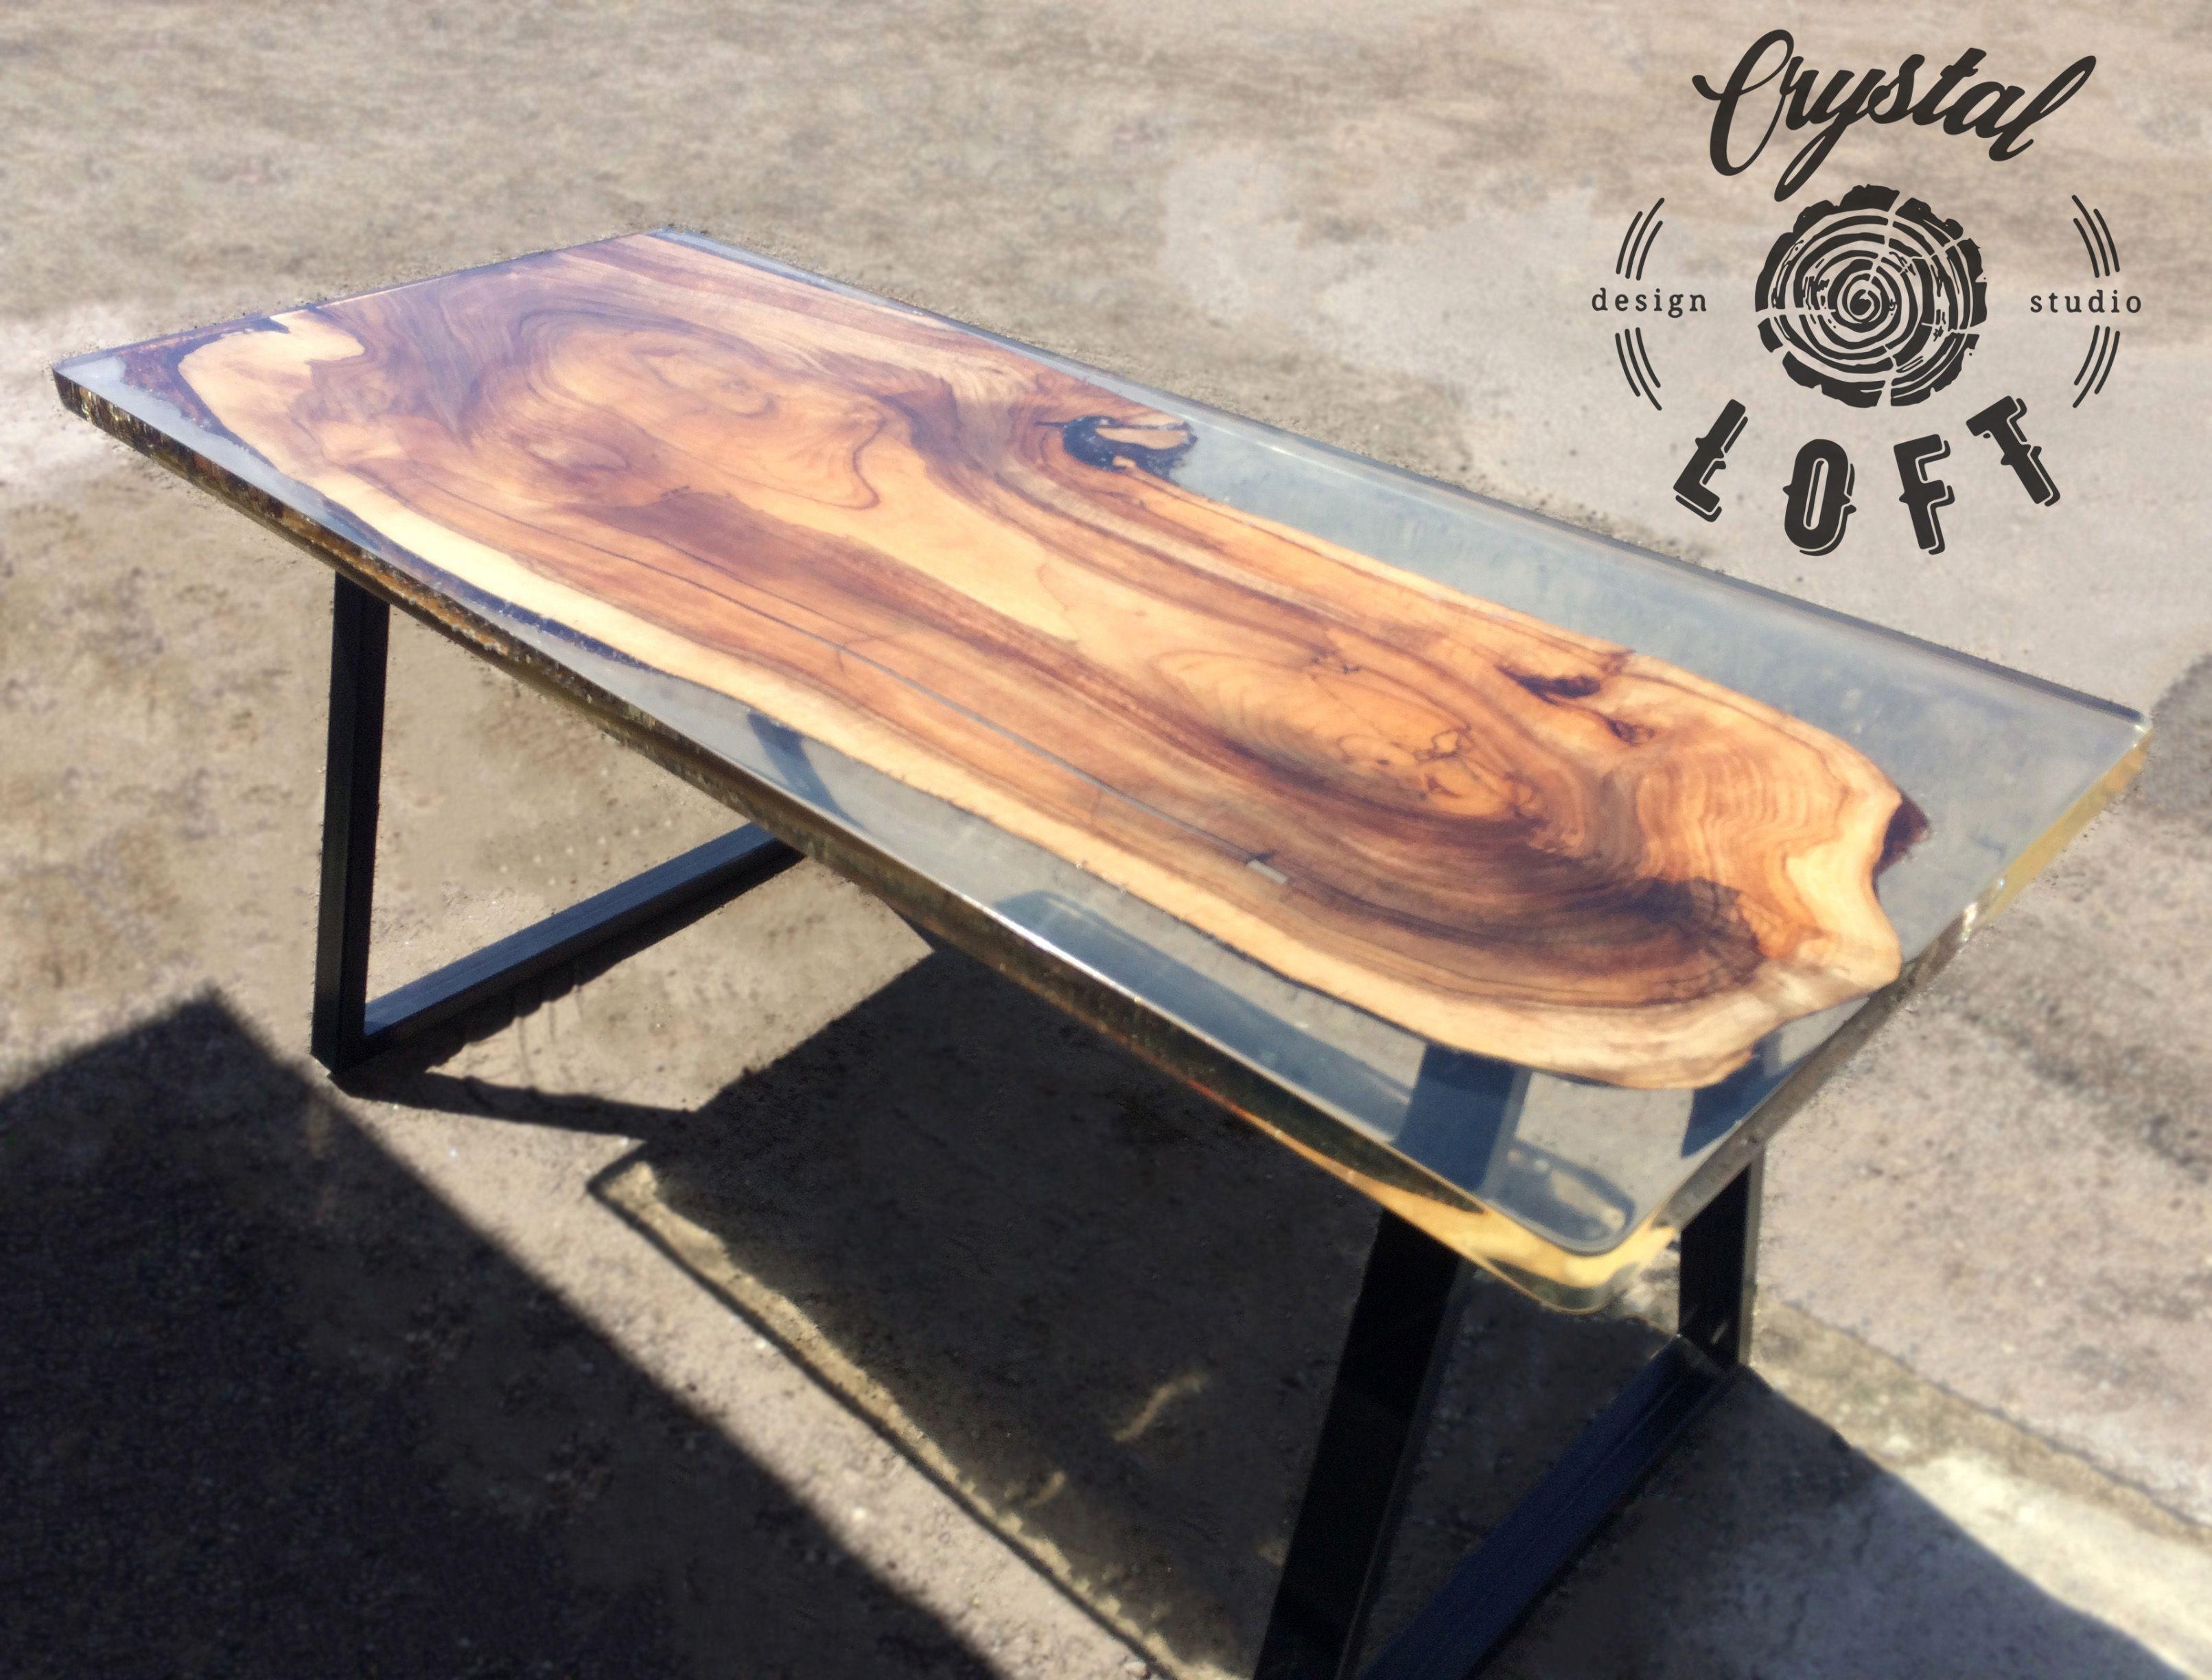 Дизайнерский стол из эпоксидной смолы в стиле Лофт из ореха + смола